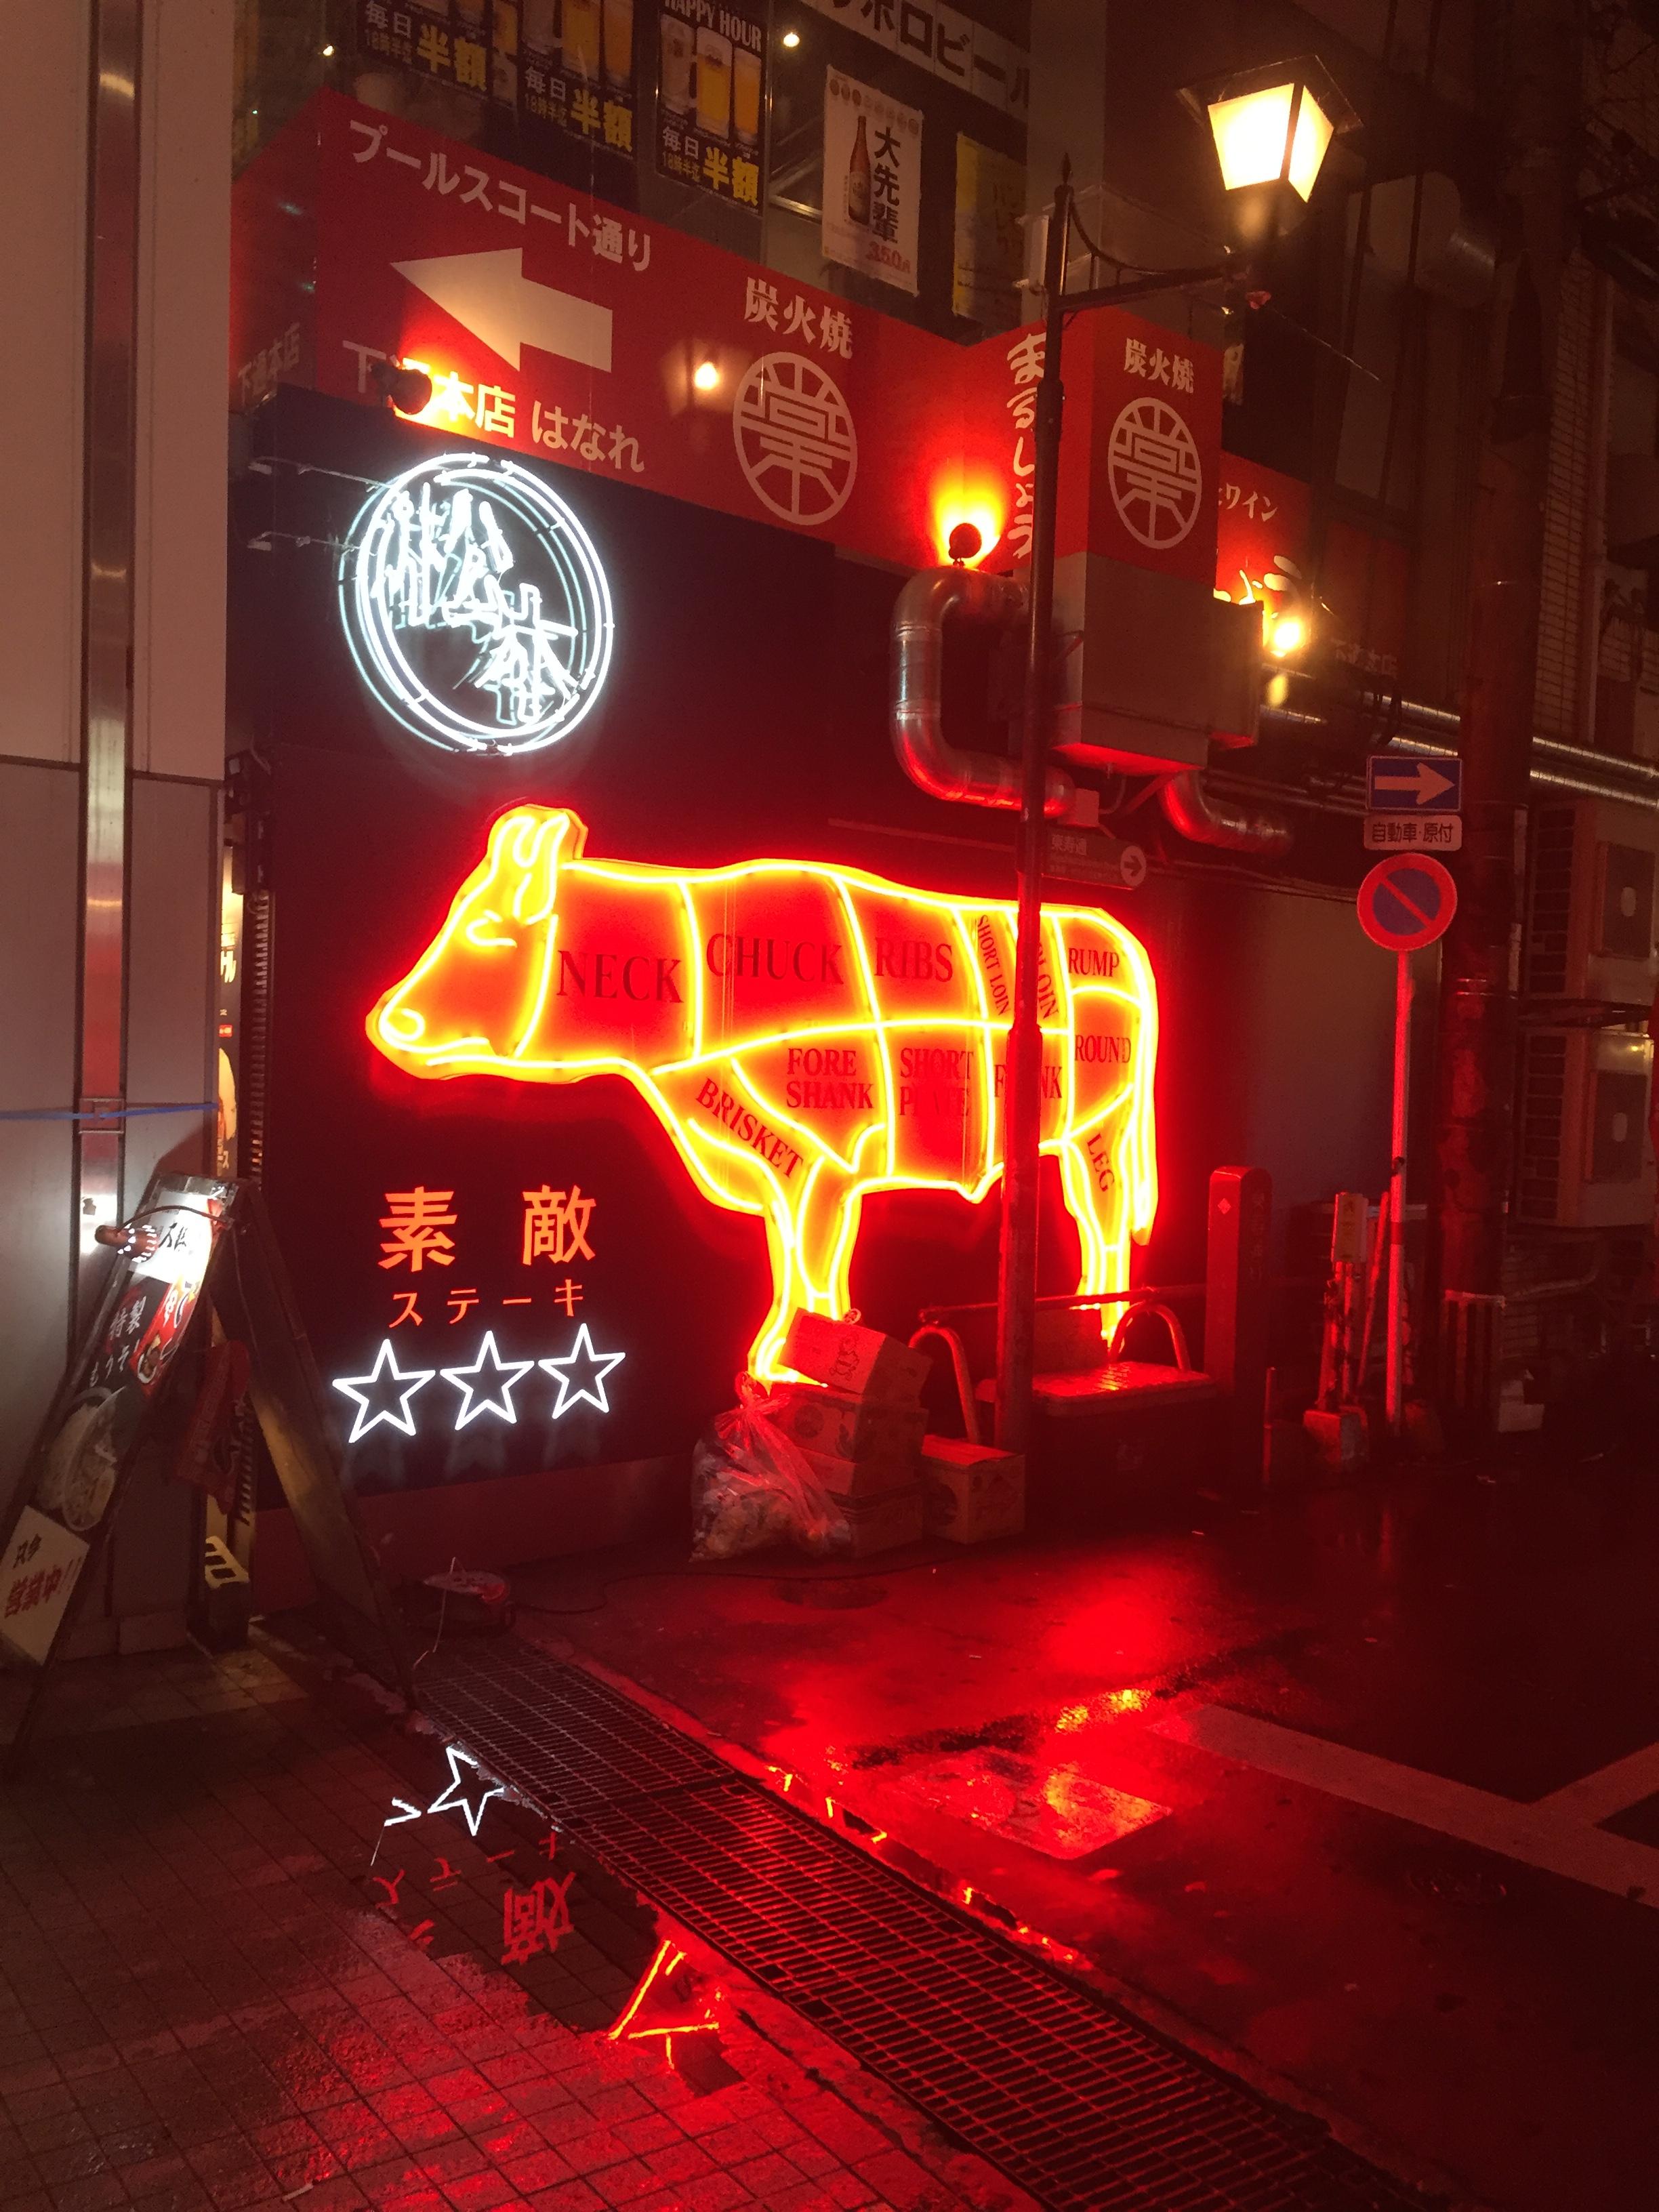 松本ステーキ(熊本市中央区/ステーキ店)